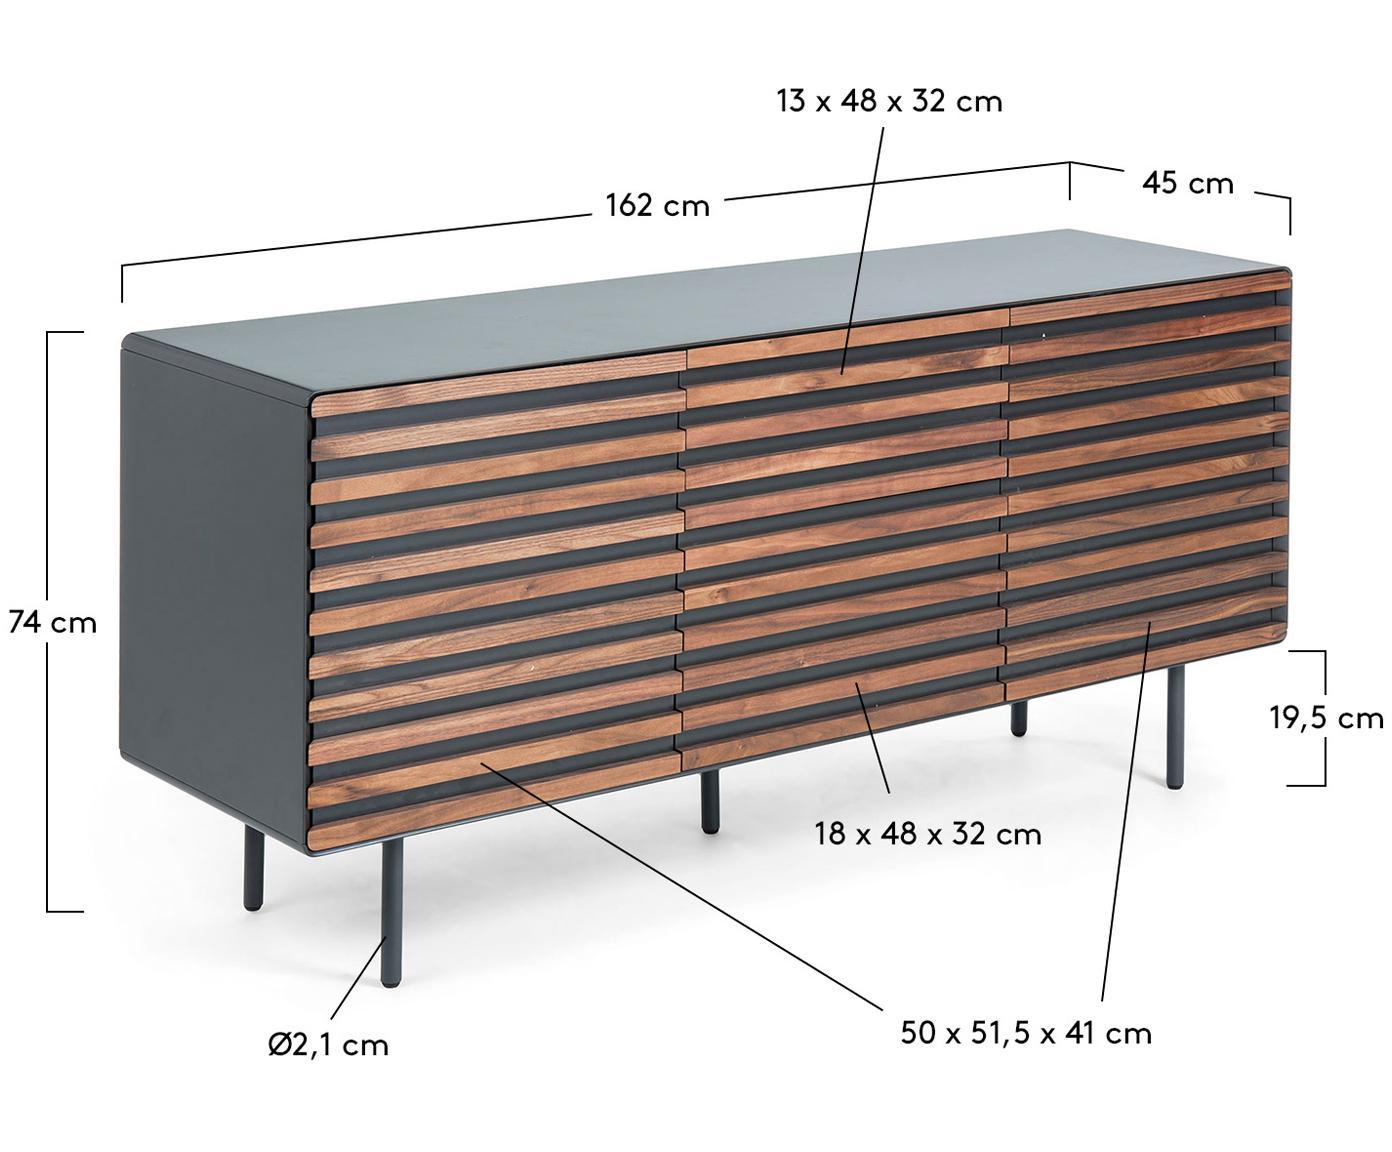 Sideboard Kesia mit Walnussfurnier, Graphit, Walnussholz, 162 x 74 cm